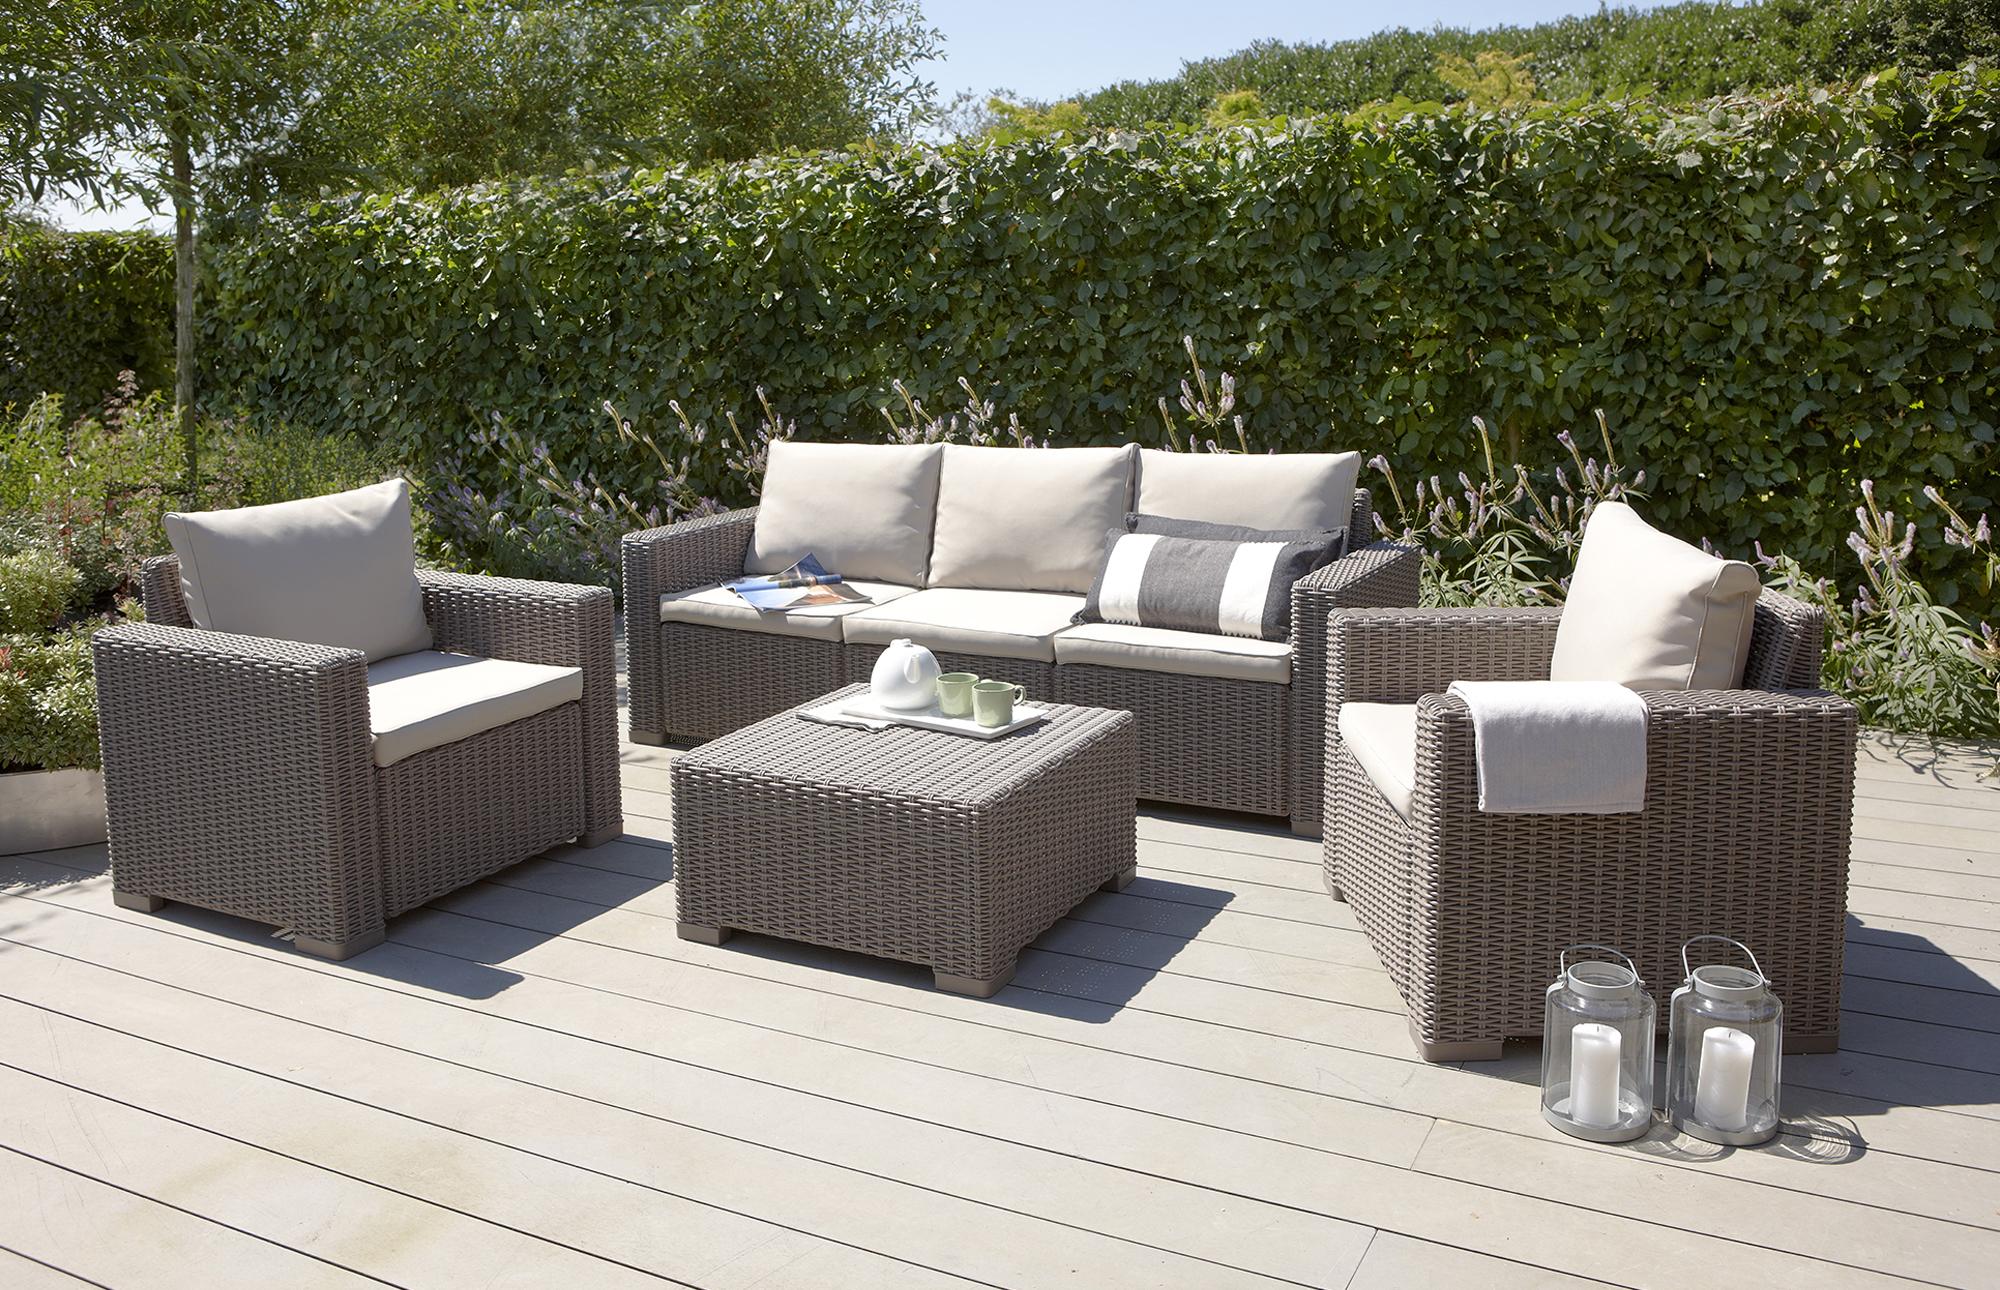 outdoor garden furniture garden-furniture-rattan-sets-breathtaking-rattan-garden-furniture -bistro-sets-breathtaking-outdoor-patio-furniture-covers - rattan garden  furniture sets ... YSSHNLR